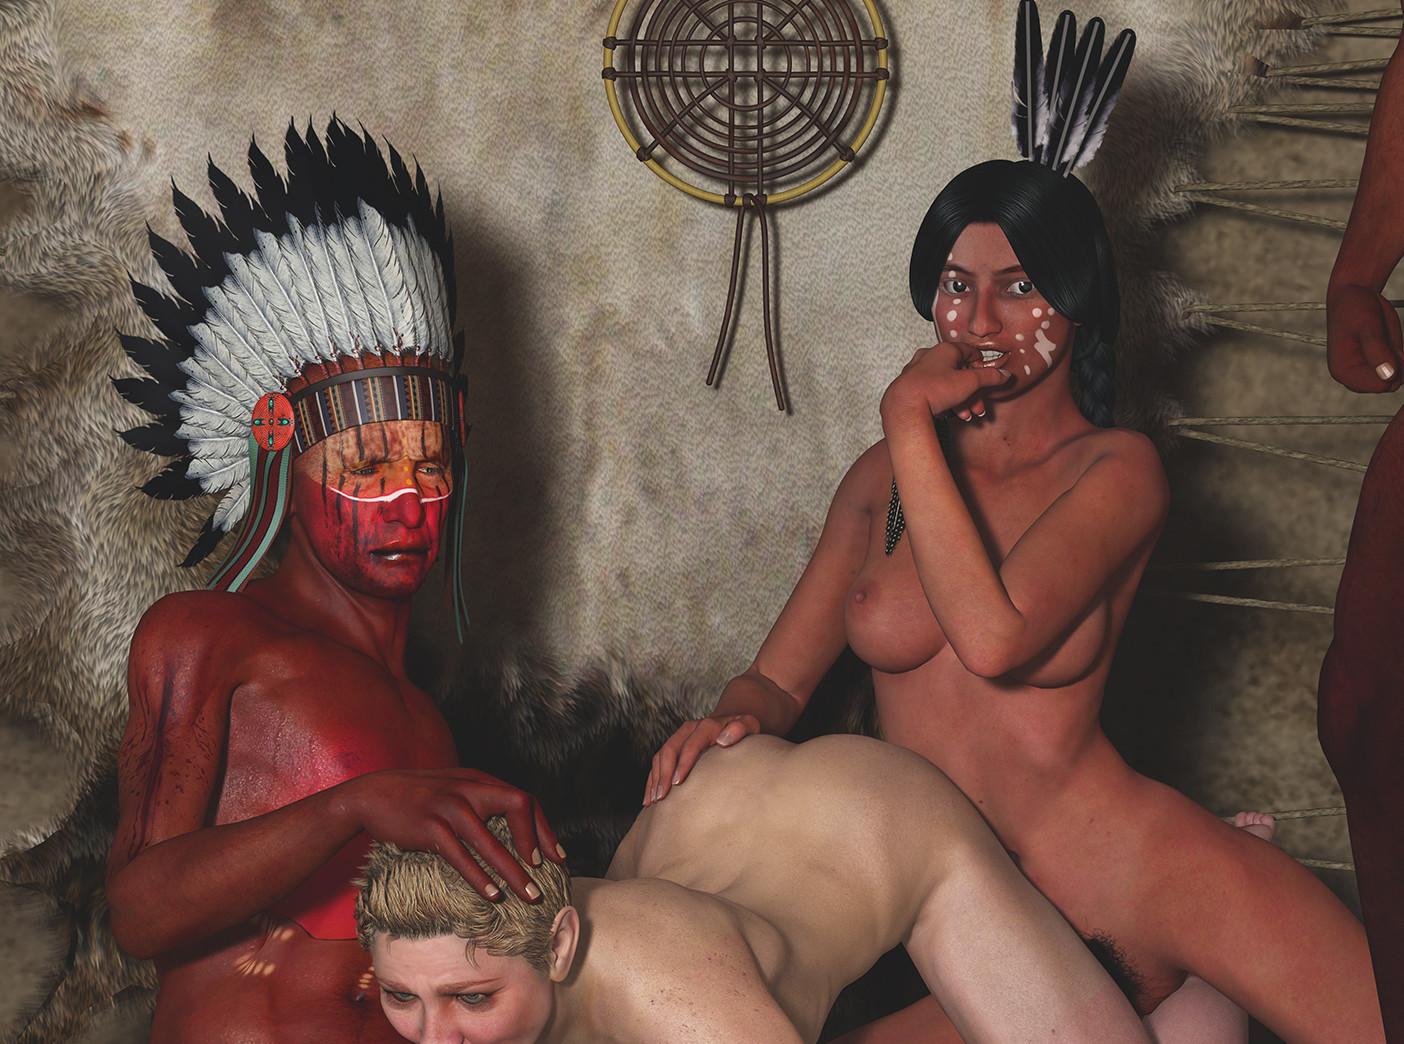 утреннюю картинки порно племен этом его цель